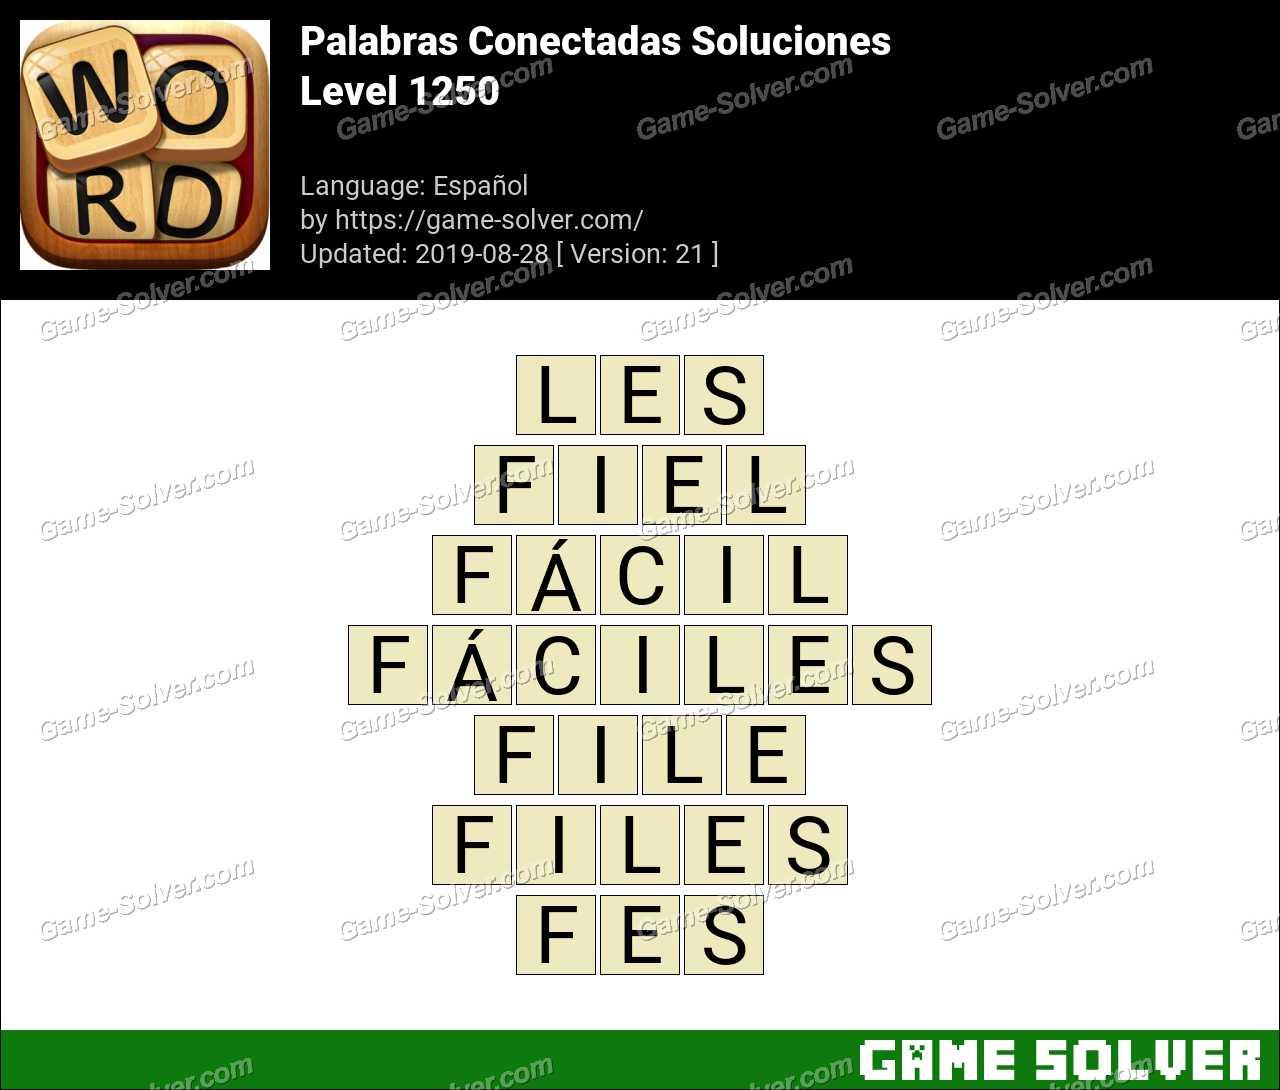 Palabras Conectadas Nivel 1250 Soluciones